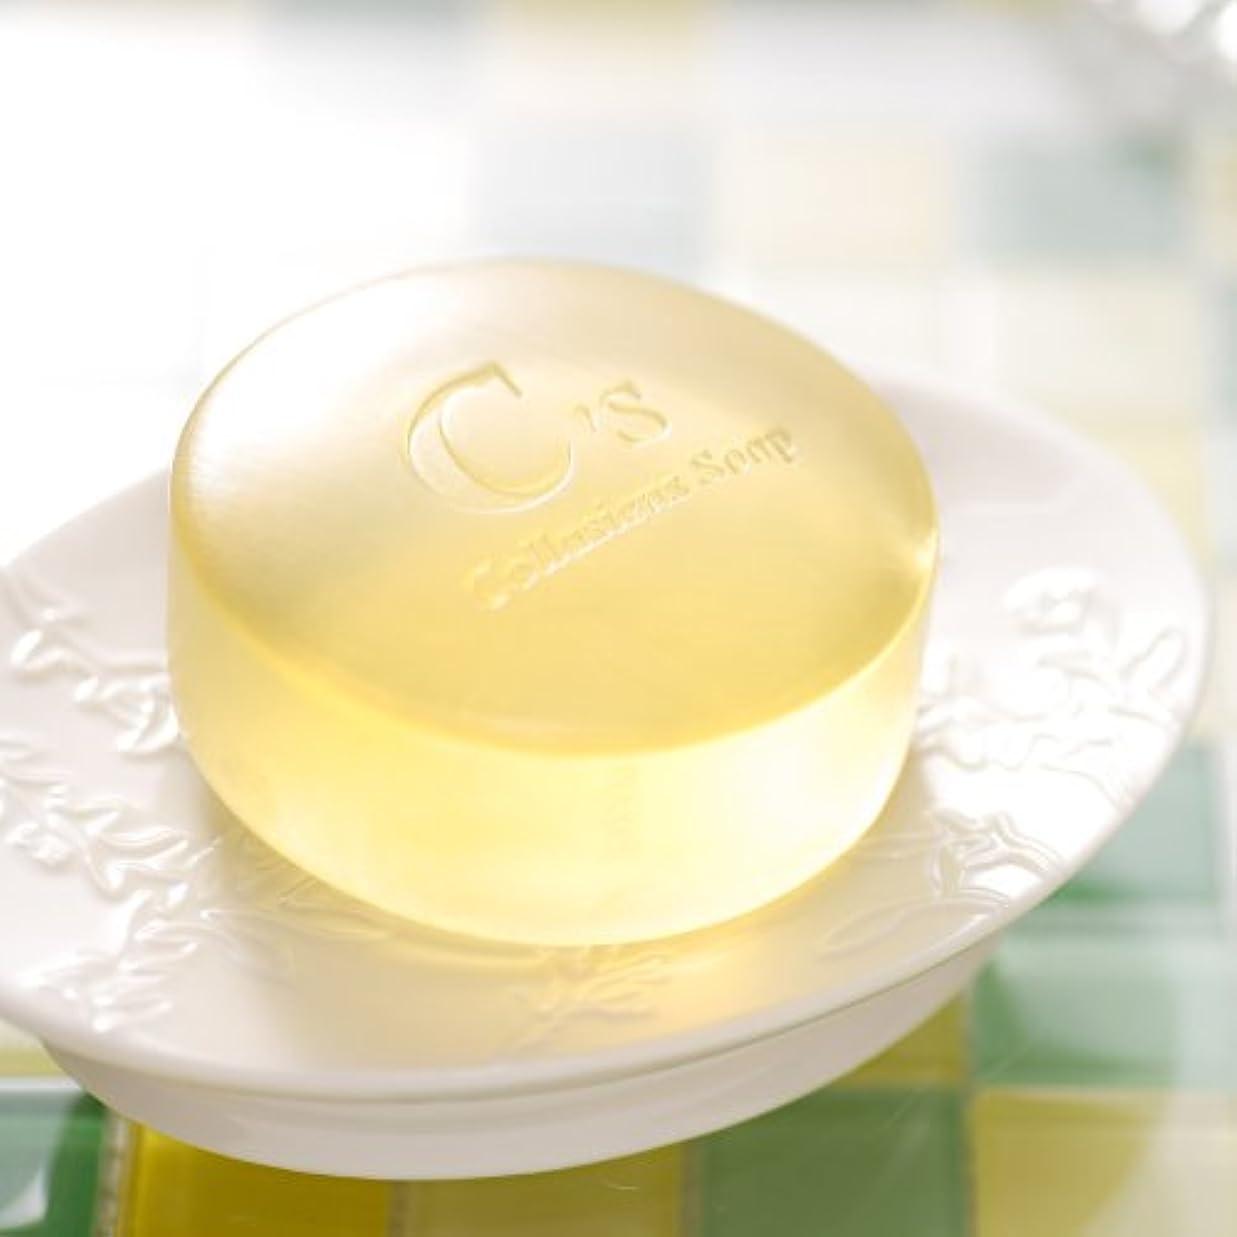 反応するスモッグネコ肌理石鹸(きめせっけん)☆90日間熟成させた手作りソープ